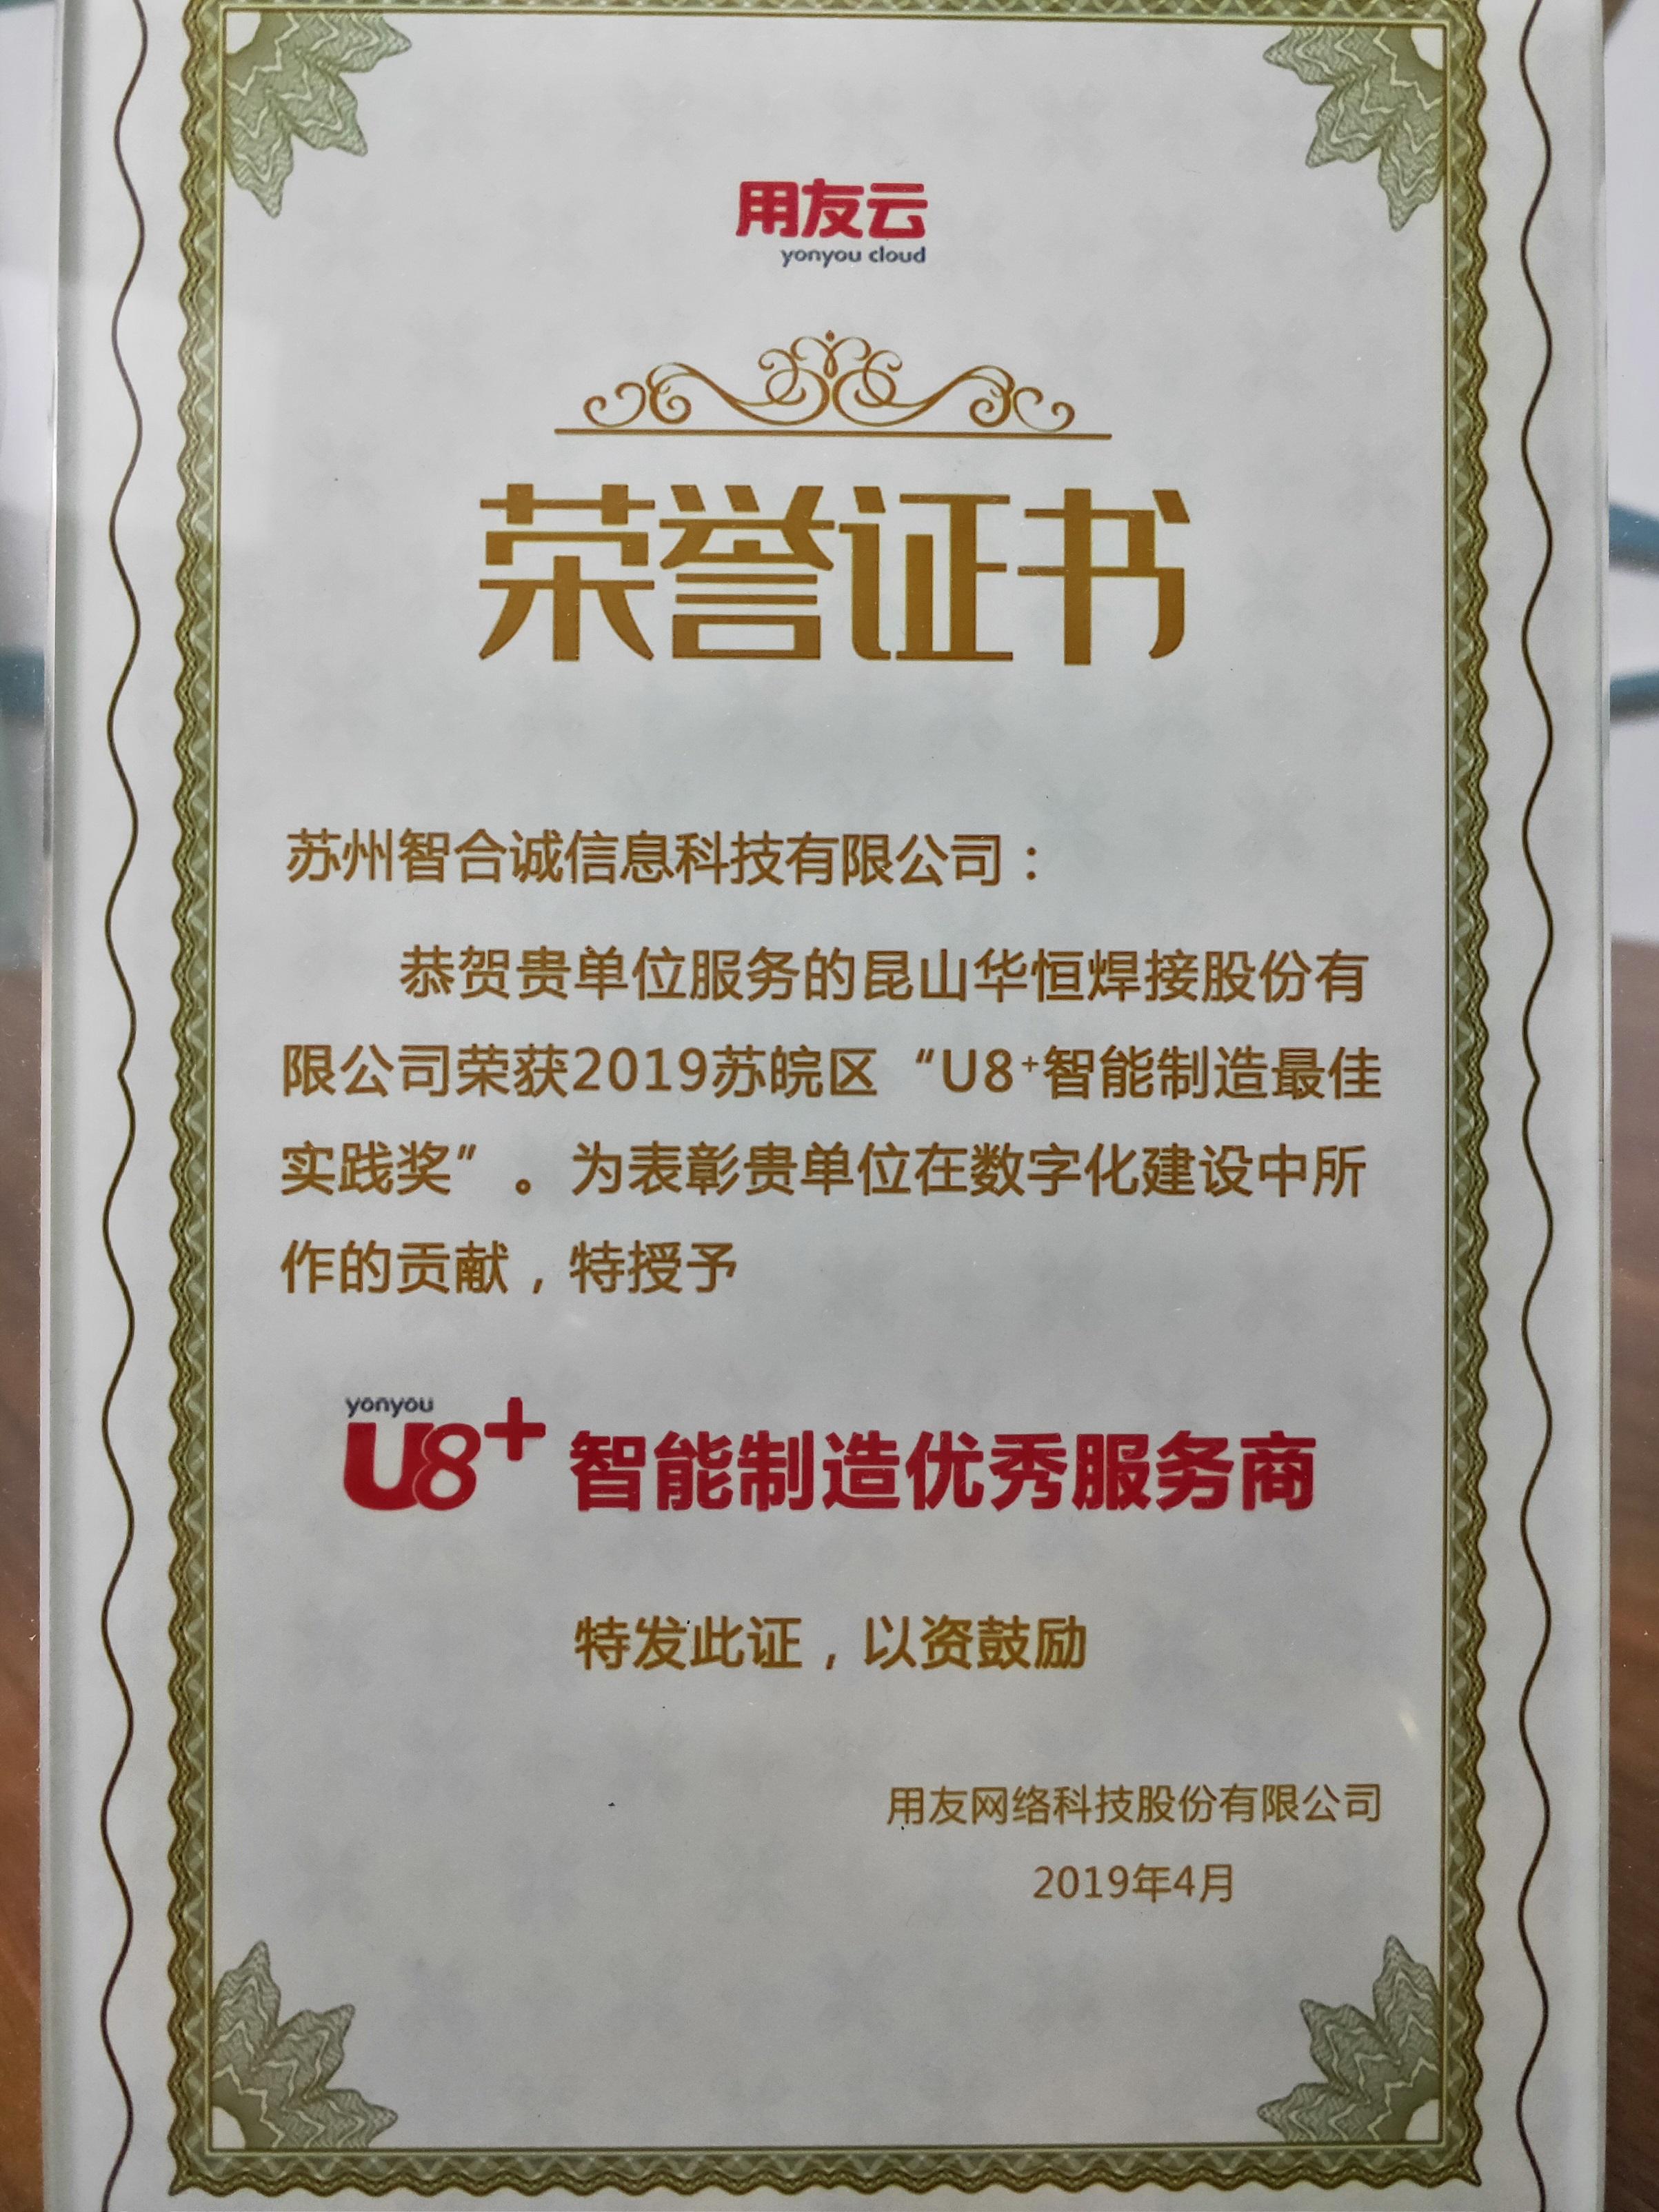 2019蘇皖區U8+智能制造最佳實踐獎